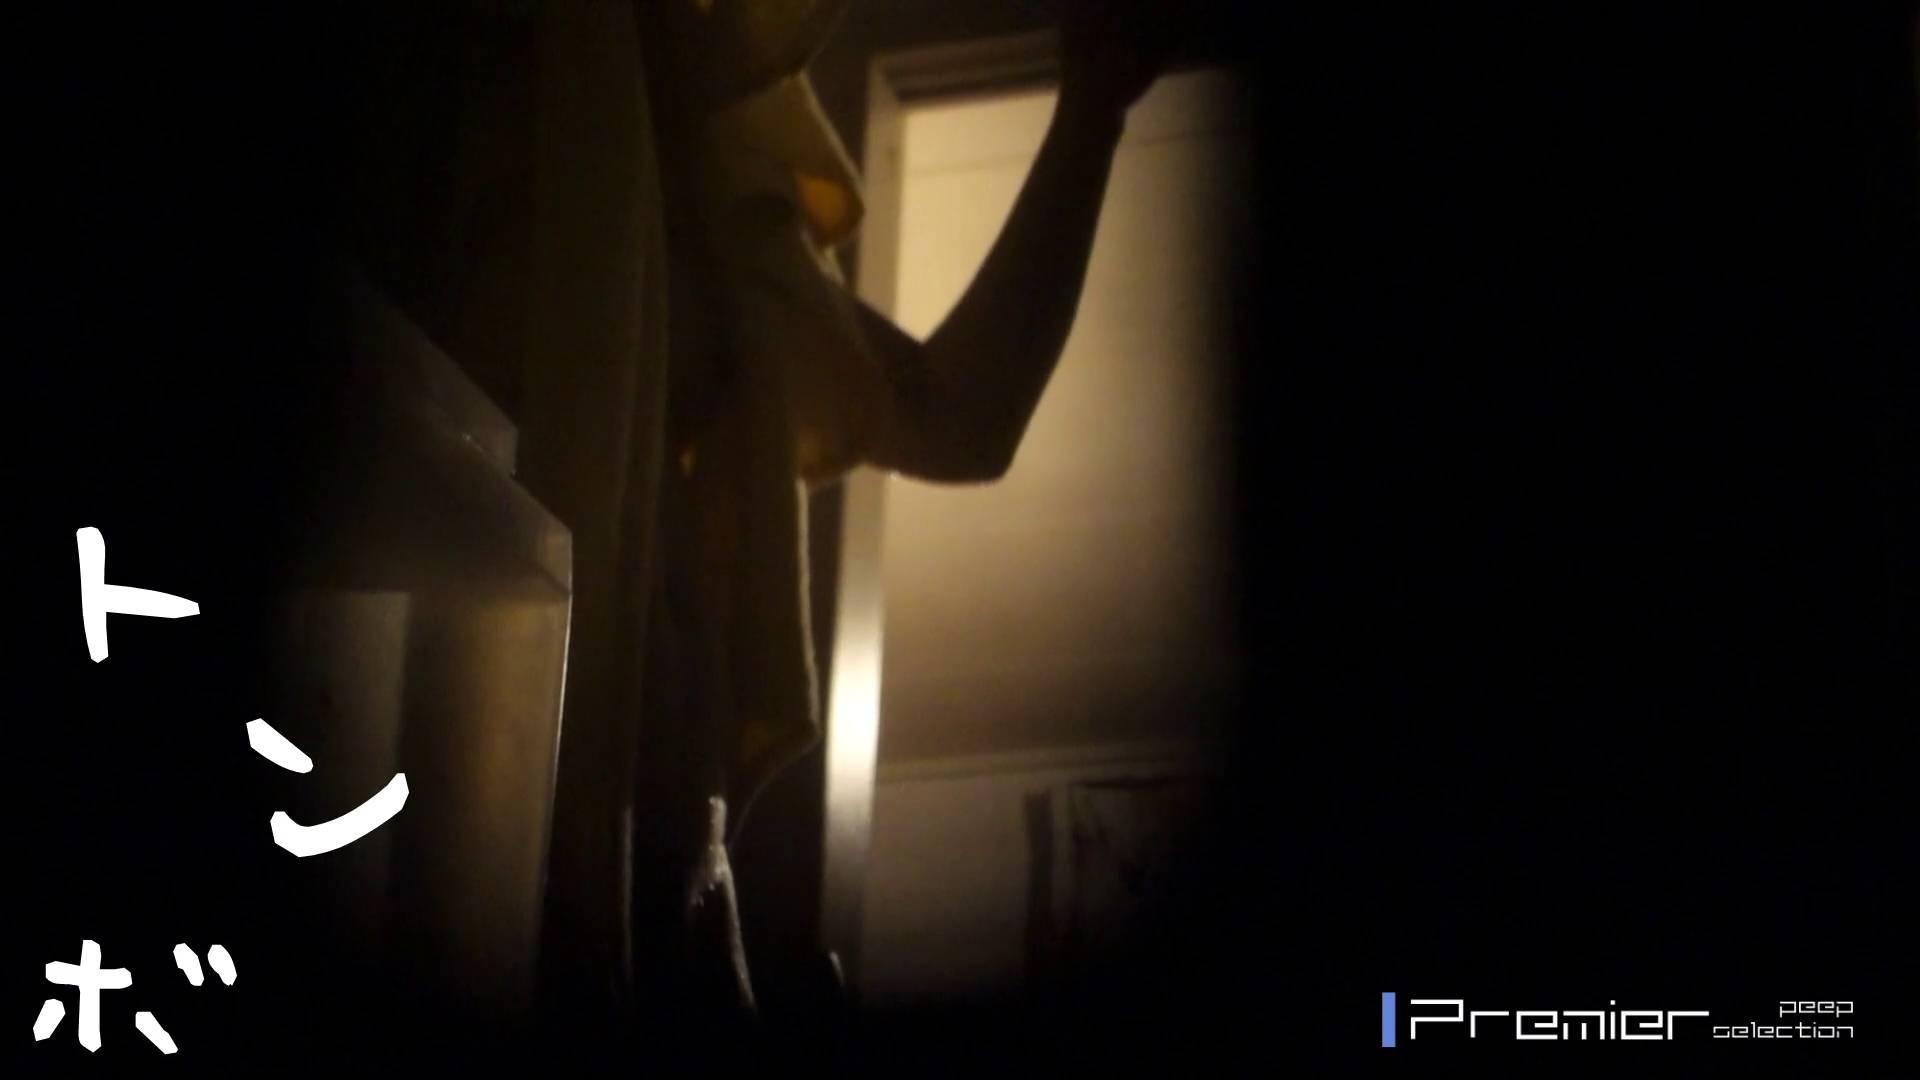 美女達の私生活に潜入!OL入浴前後の裸と私生活 入浴中のオンナ 隠し撮りAV無料 21pic 19